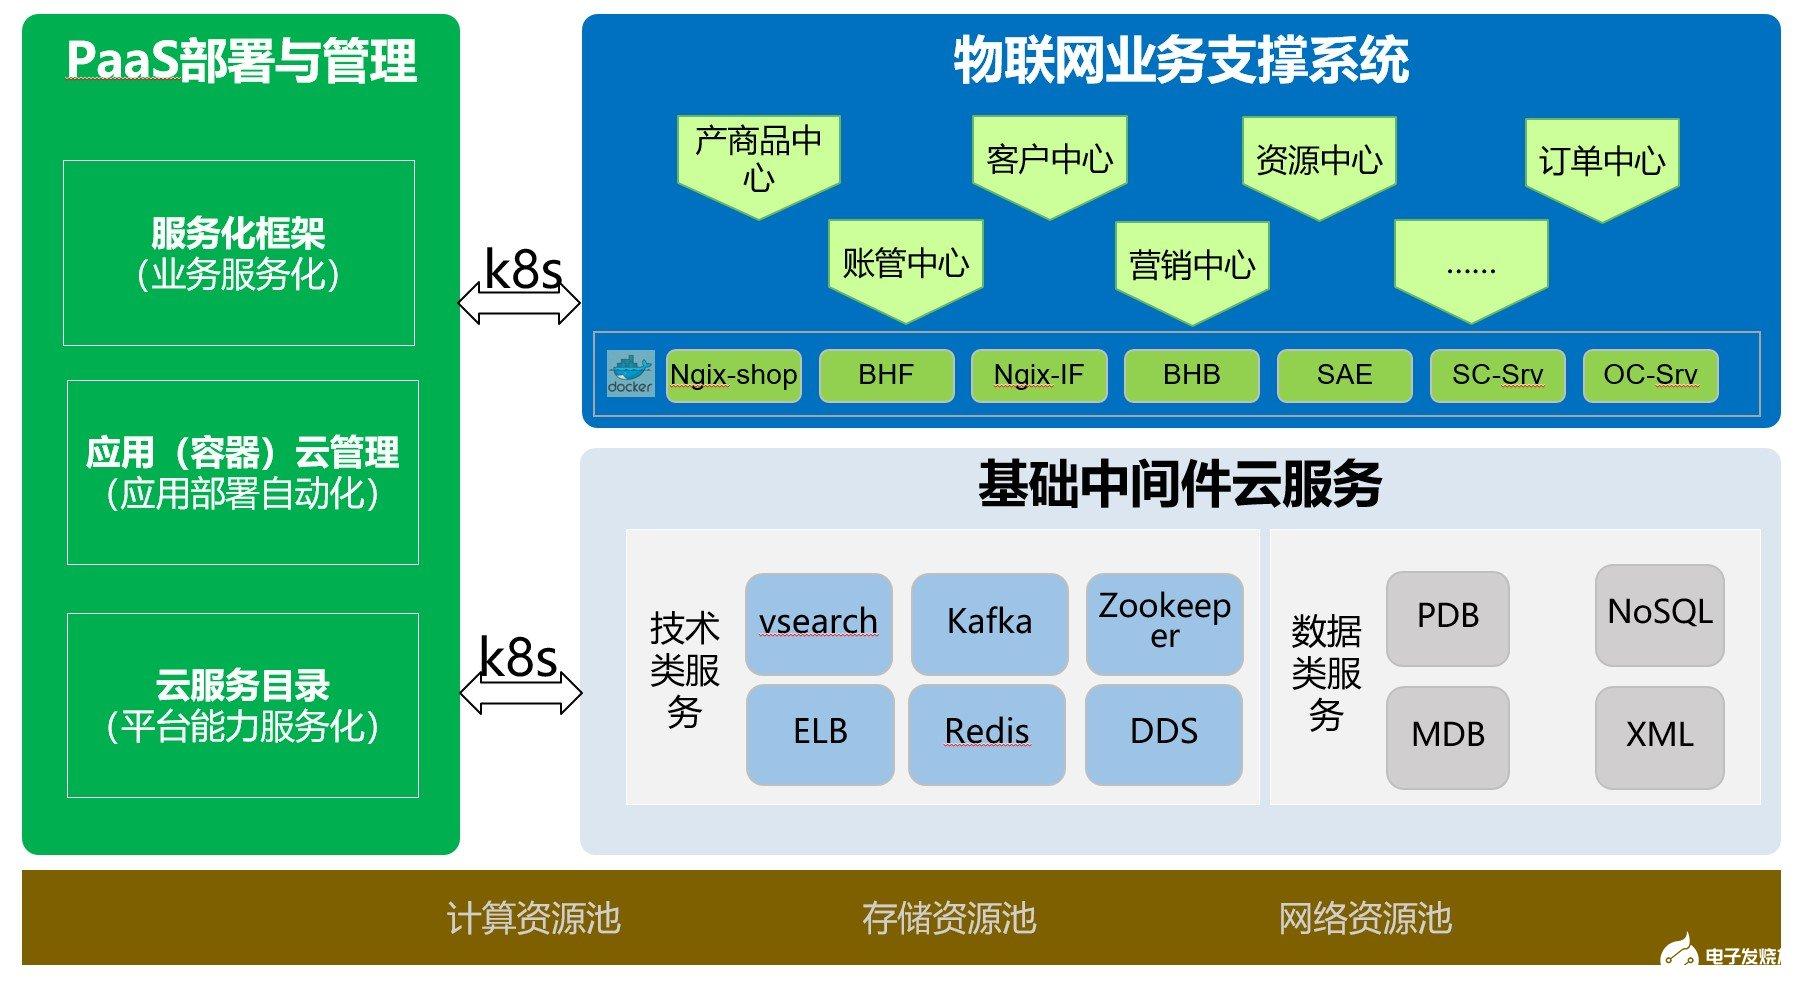 中国移动物联网支撑系统未来面临巨大的挑战与机遇